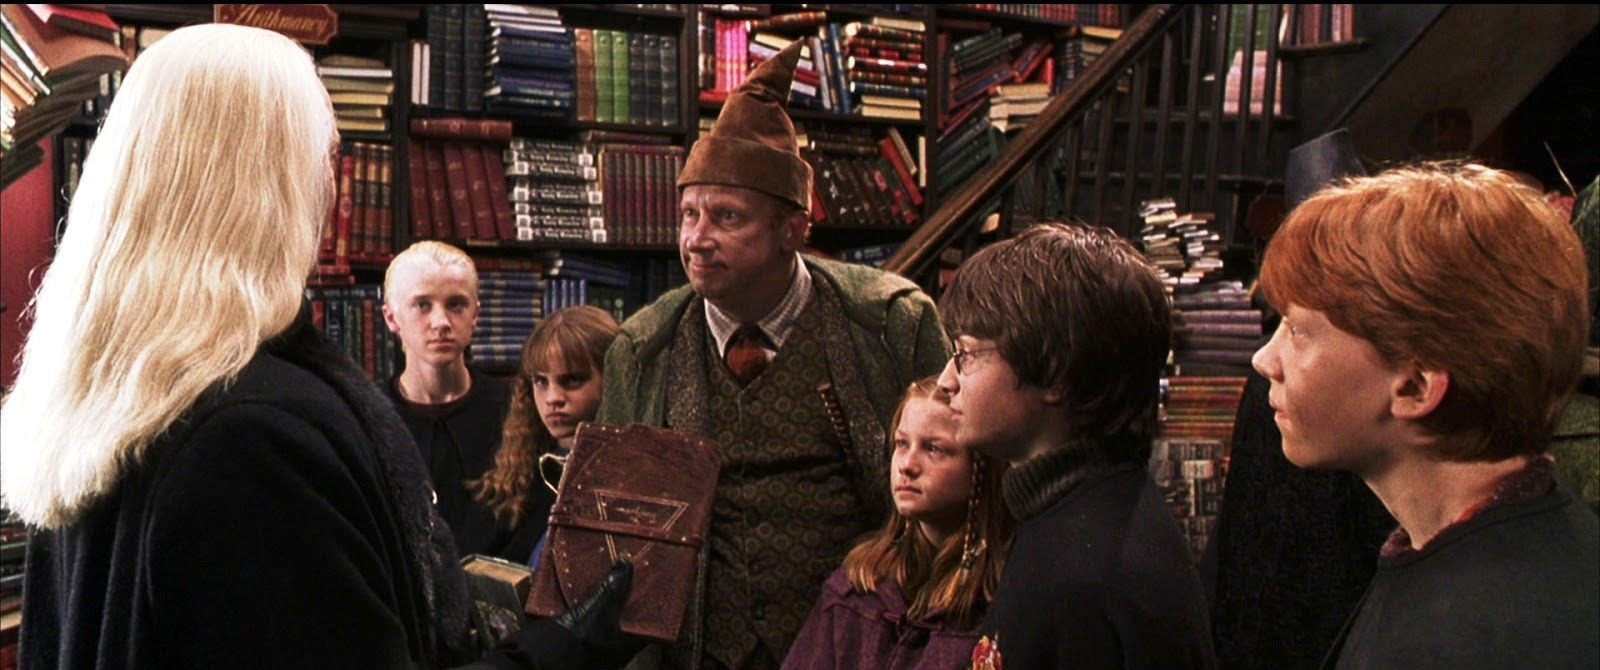 Harry Potter y la cámara secreta' (Chris Columbus, 2002) | CineDosMil